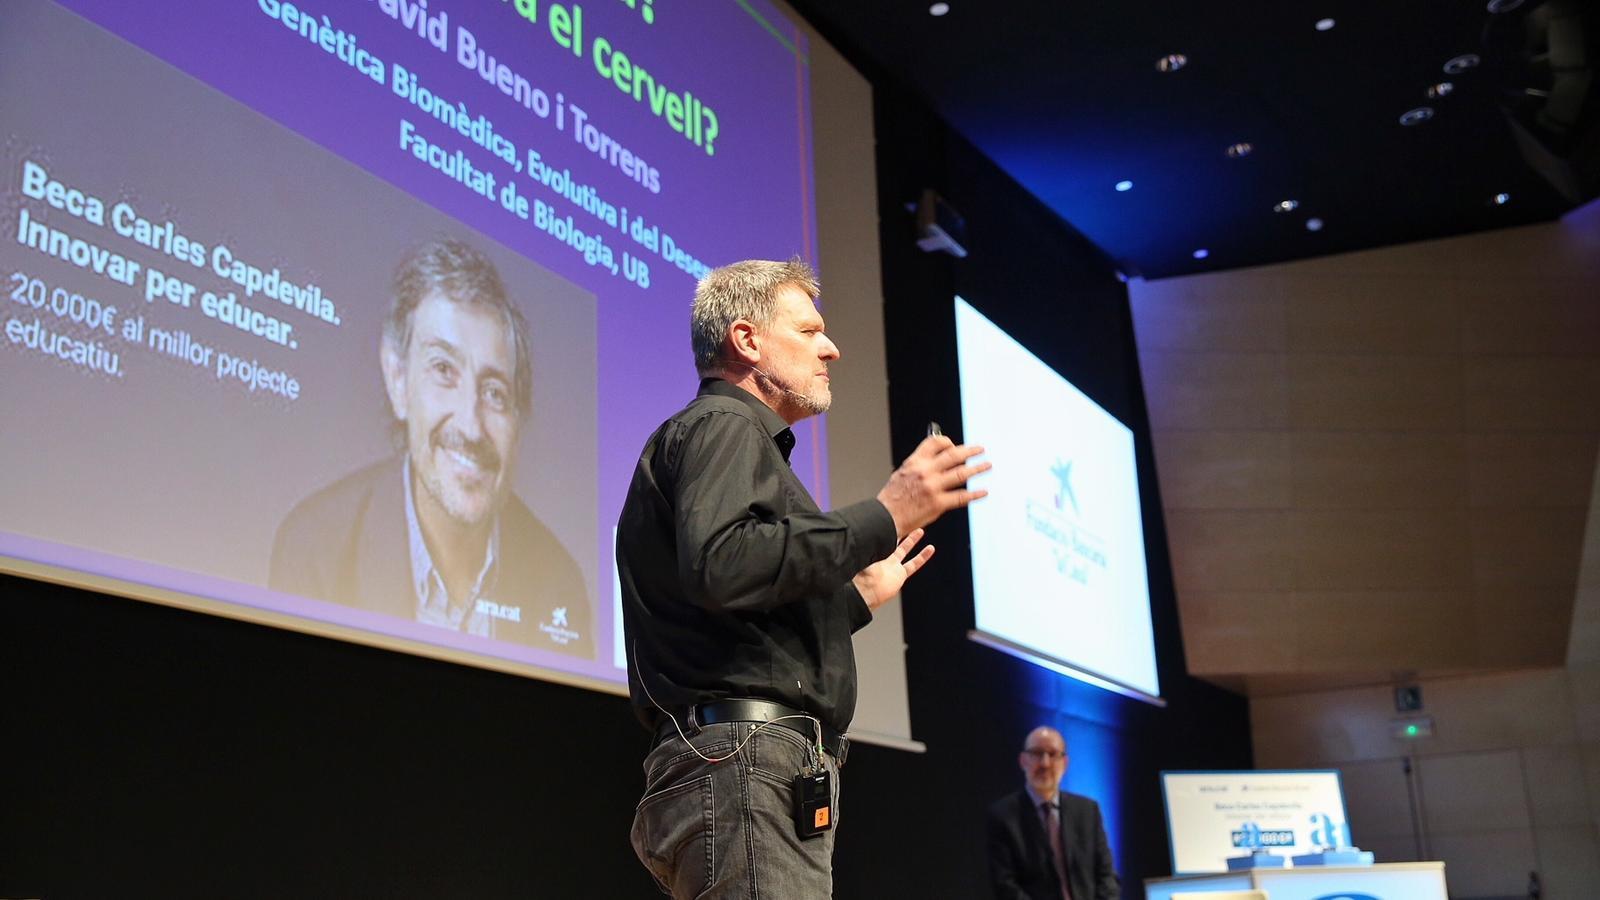 David Bueno, fent la seva conferència a l'auditori del CosmoCaixa durant l'entrega de les beques Carles Capdevila / PERE VIRGILI